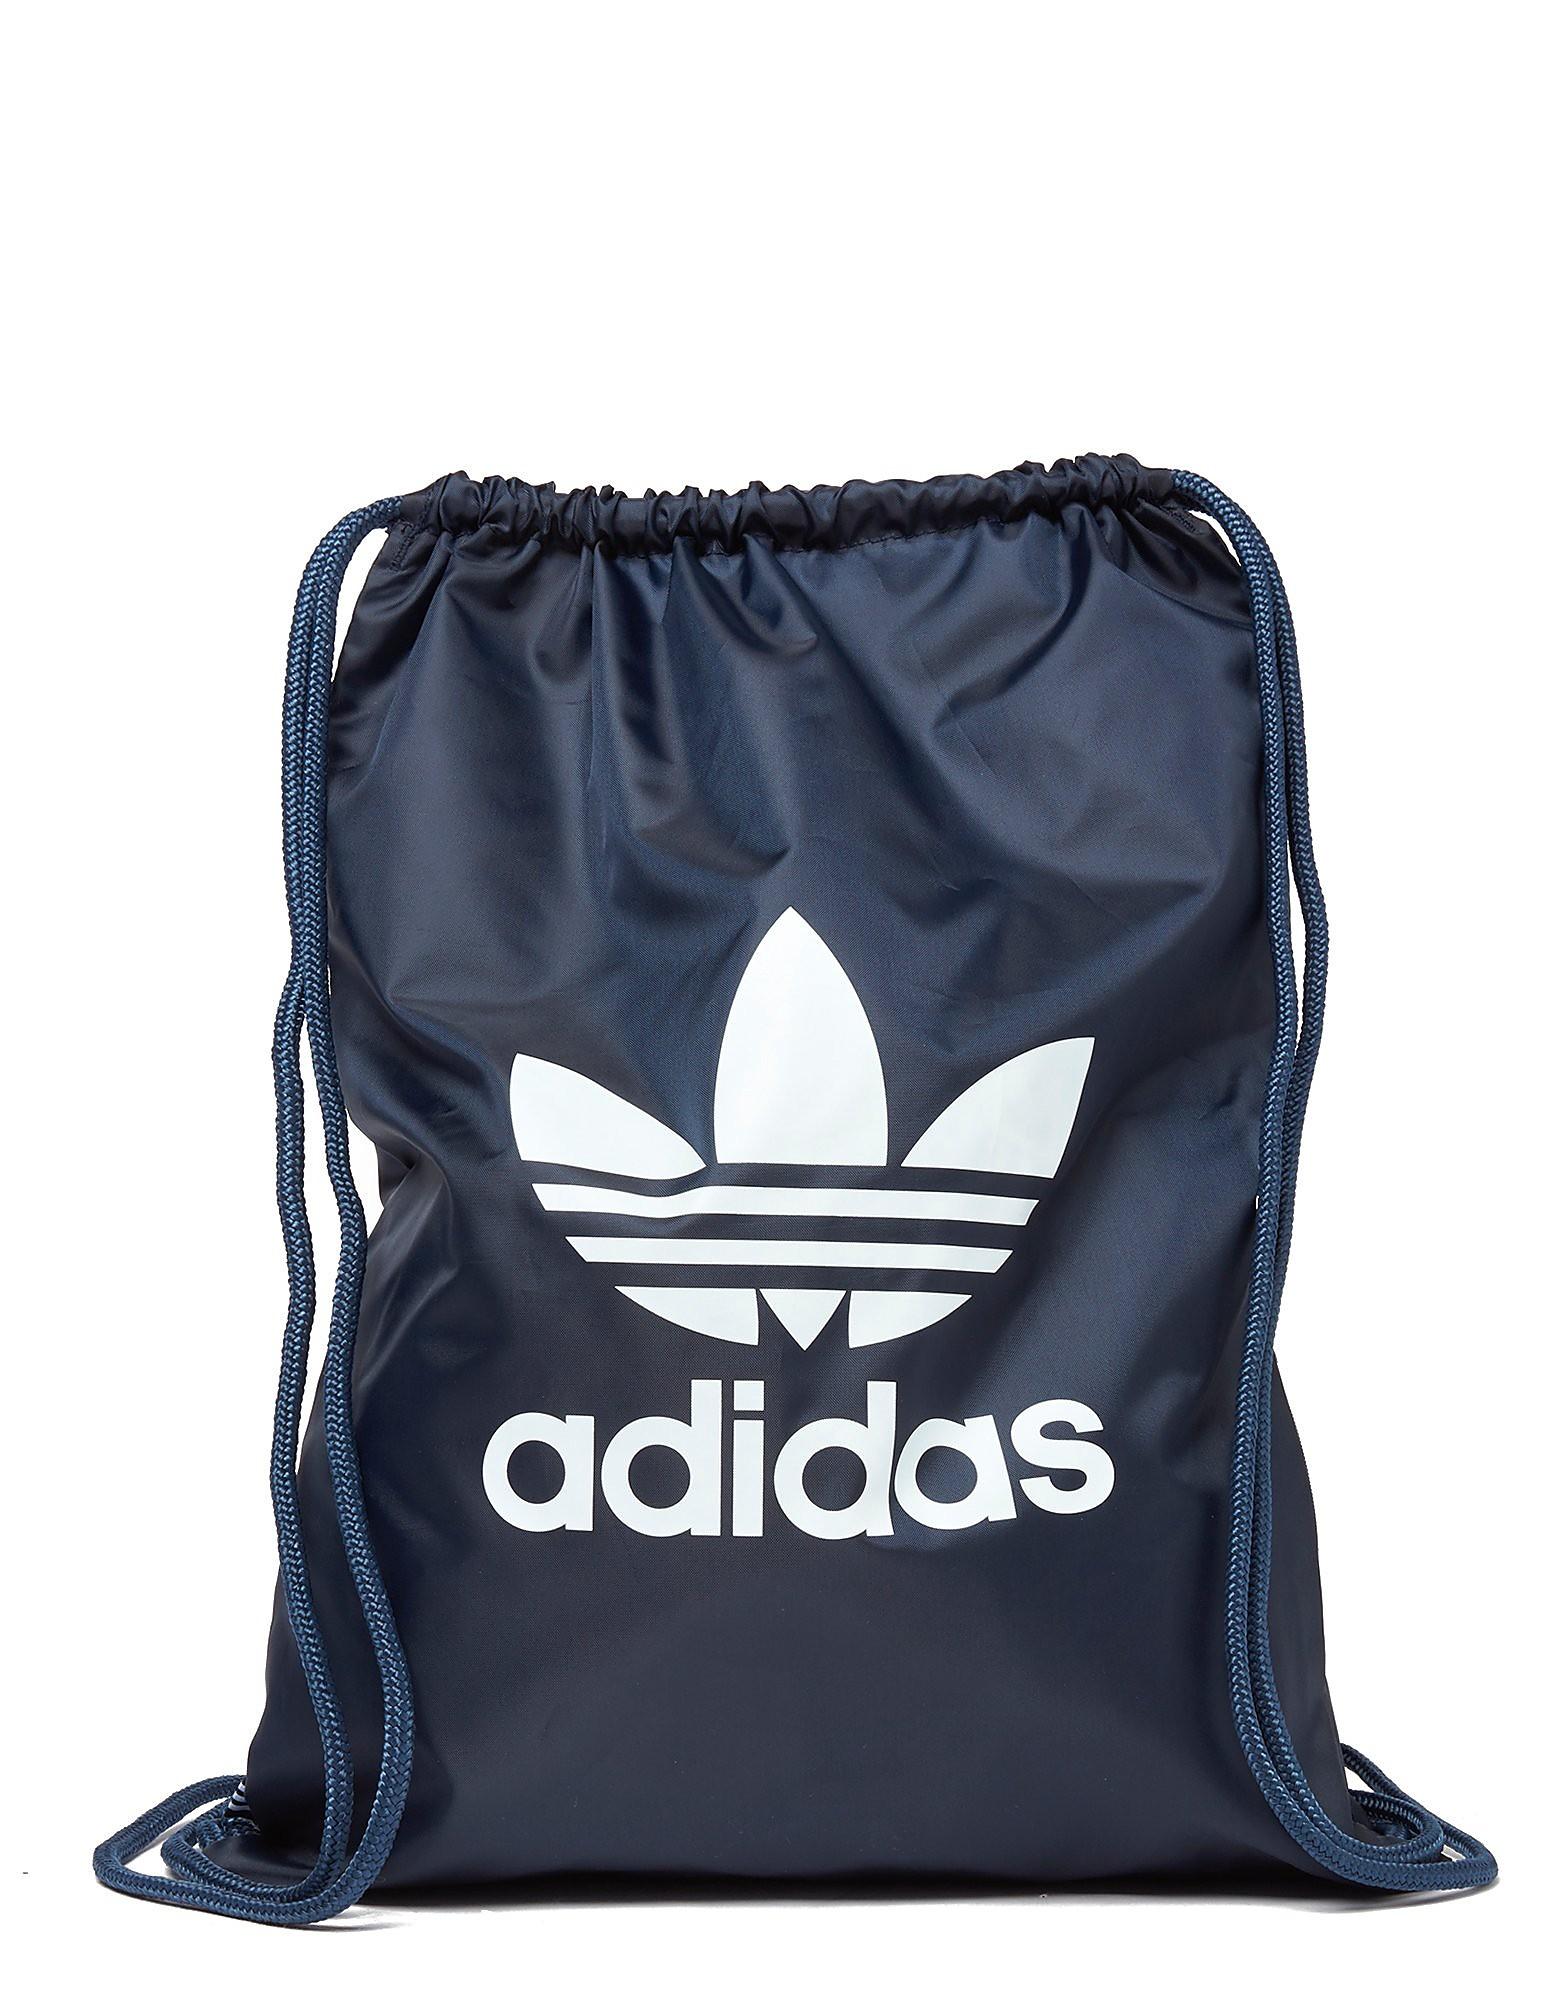 adidas Originals Tricot Gymsack